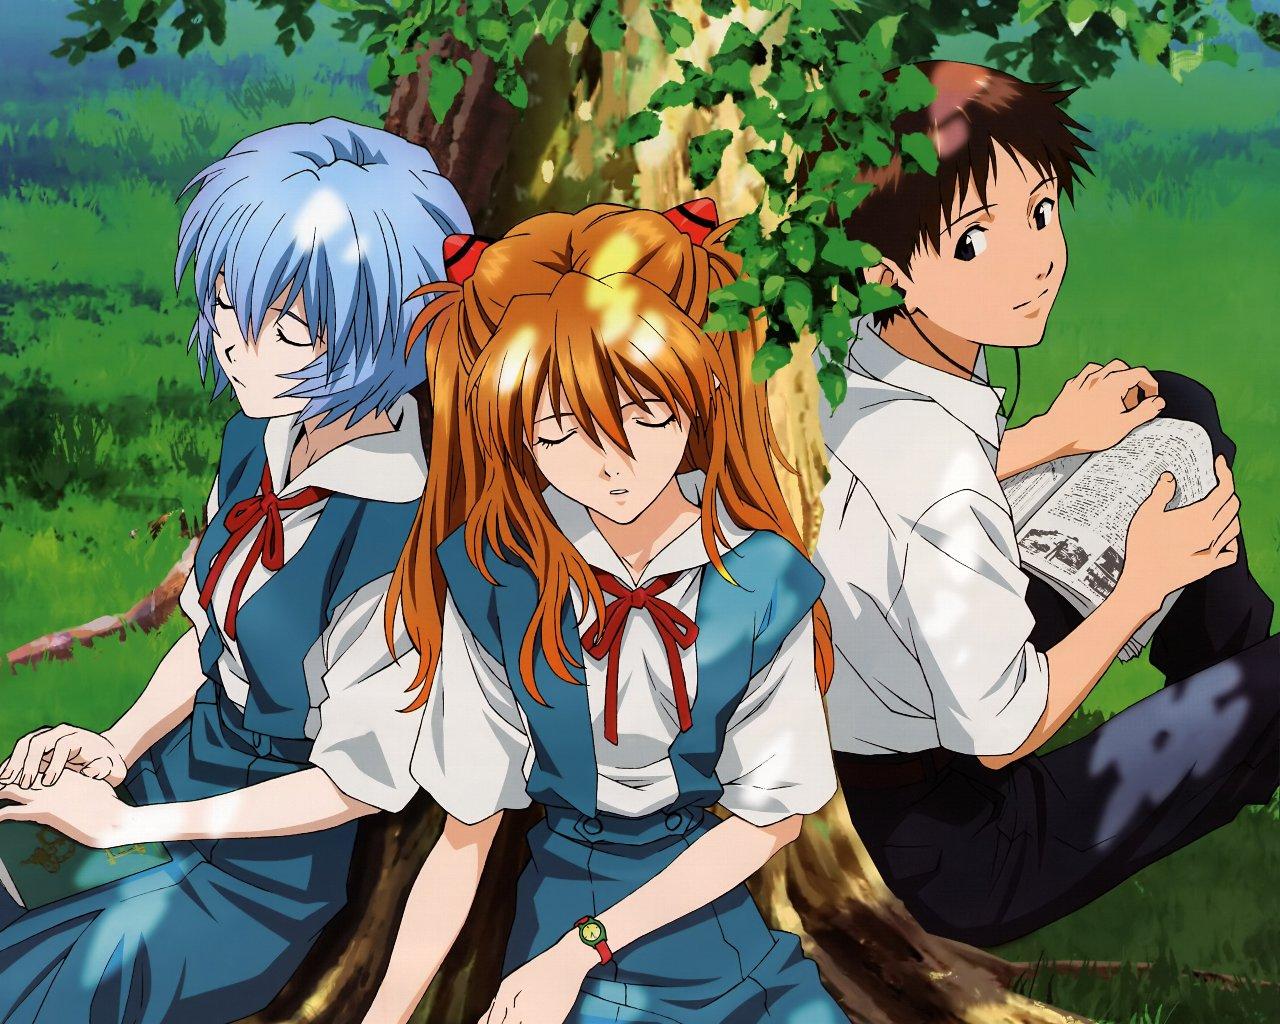 http://blog-imgs-45.fc2.com/a/n/k/ankosokuho/2012121621473517b.jpg